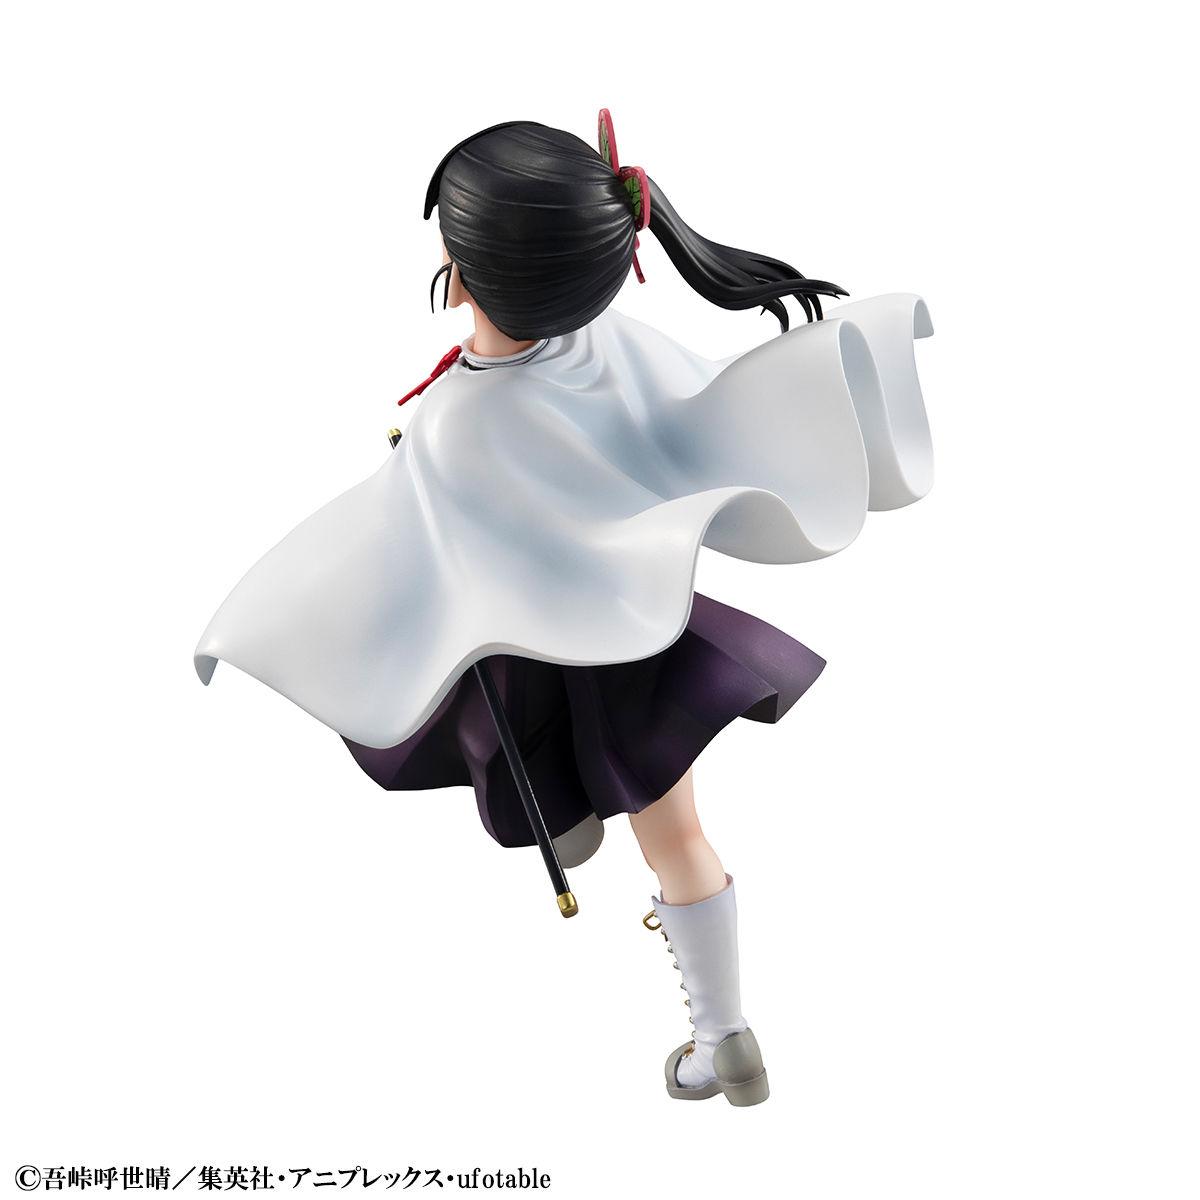 【限定販売】ギャルズシリーズ『栗花落カナヲ』鬼滅の刃 完成品フィギュア-006